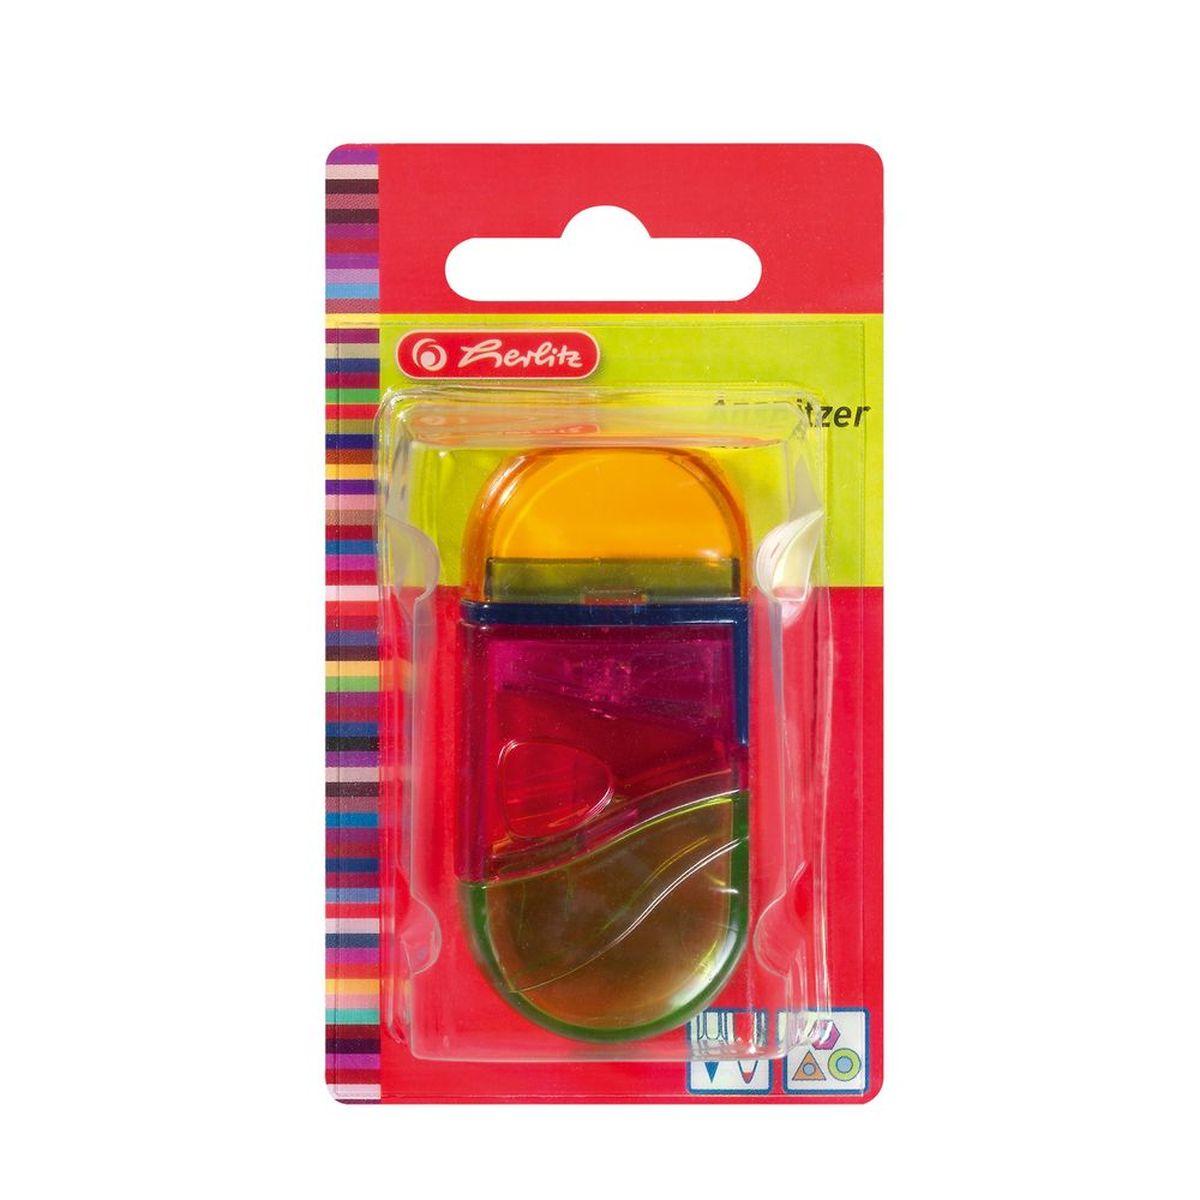 Herlitz Точилка с контейнером и ластиком цвет оранжевый розовый зеленый72523WDТочилка Herlitz - качественная простая точилка с контейнером для стружек и ластиком. Выполнена в прозрачном пластиковом корпусе и предназначена для заточки карандашей диаметром 8 мм. Металлическое лезвие высокого качества быстро заточит любой карандаш. Ластик изготовлен из термопластичного каучука и хорошо стирает линии.Такой набор от Herlitz будет помощником для вас в любом проектном или учебном деле.